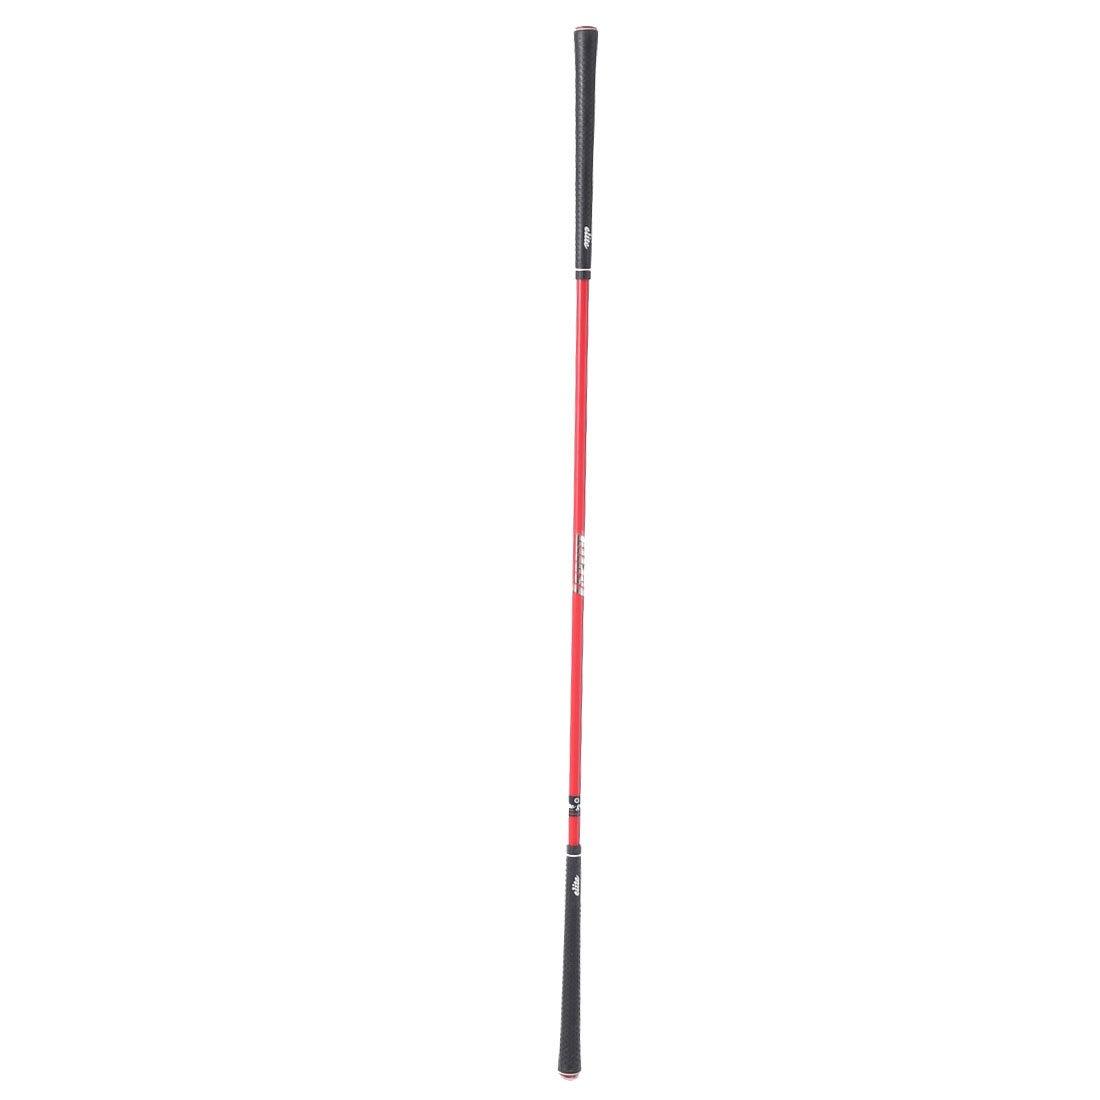 エリートグリップ elite grips ユニセックス ゴルフ スイング練習器具 1SPEED TT1-01RD